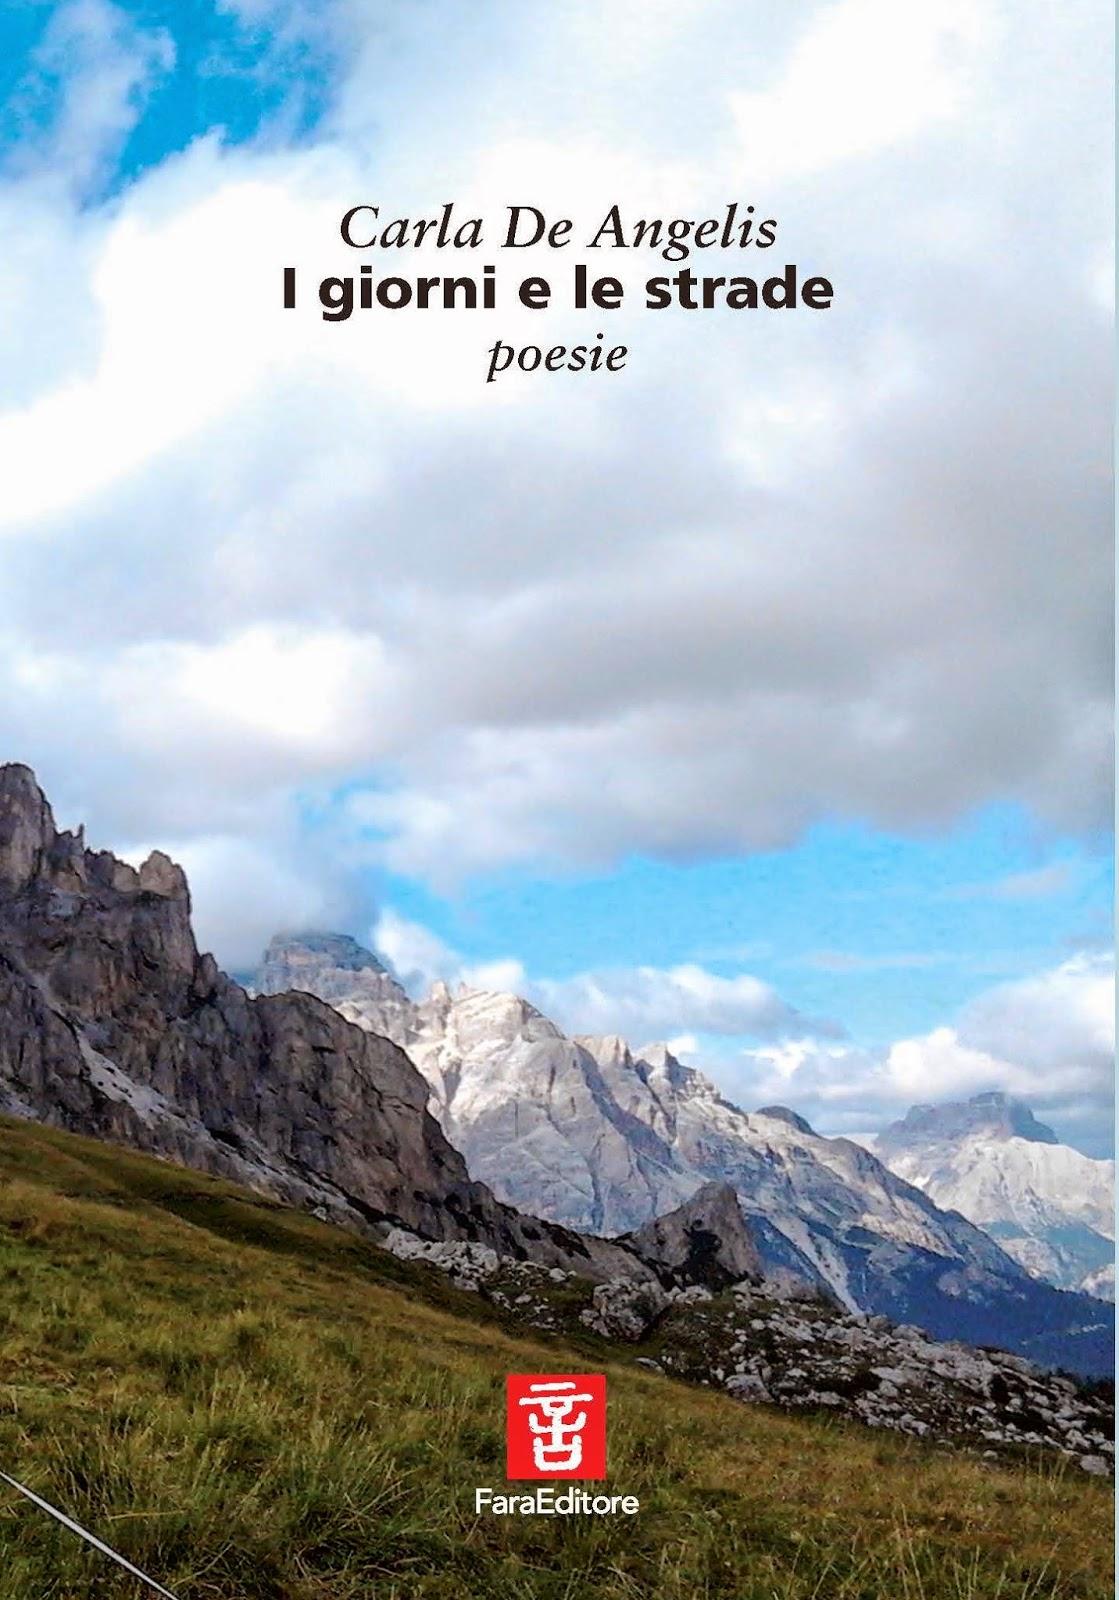 http://www.faraeditore.it/html/siacosache/giornistrade.html